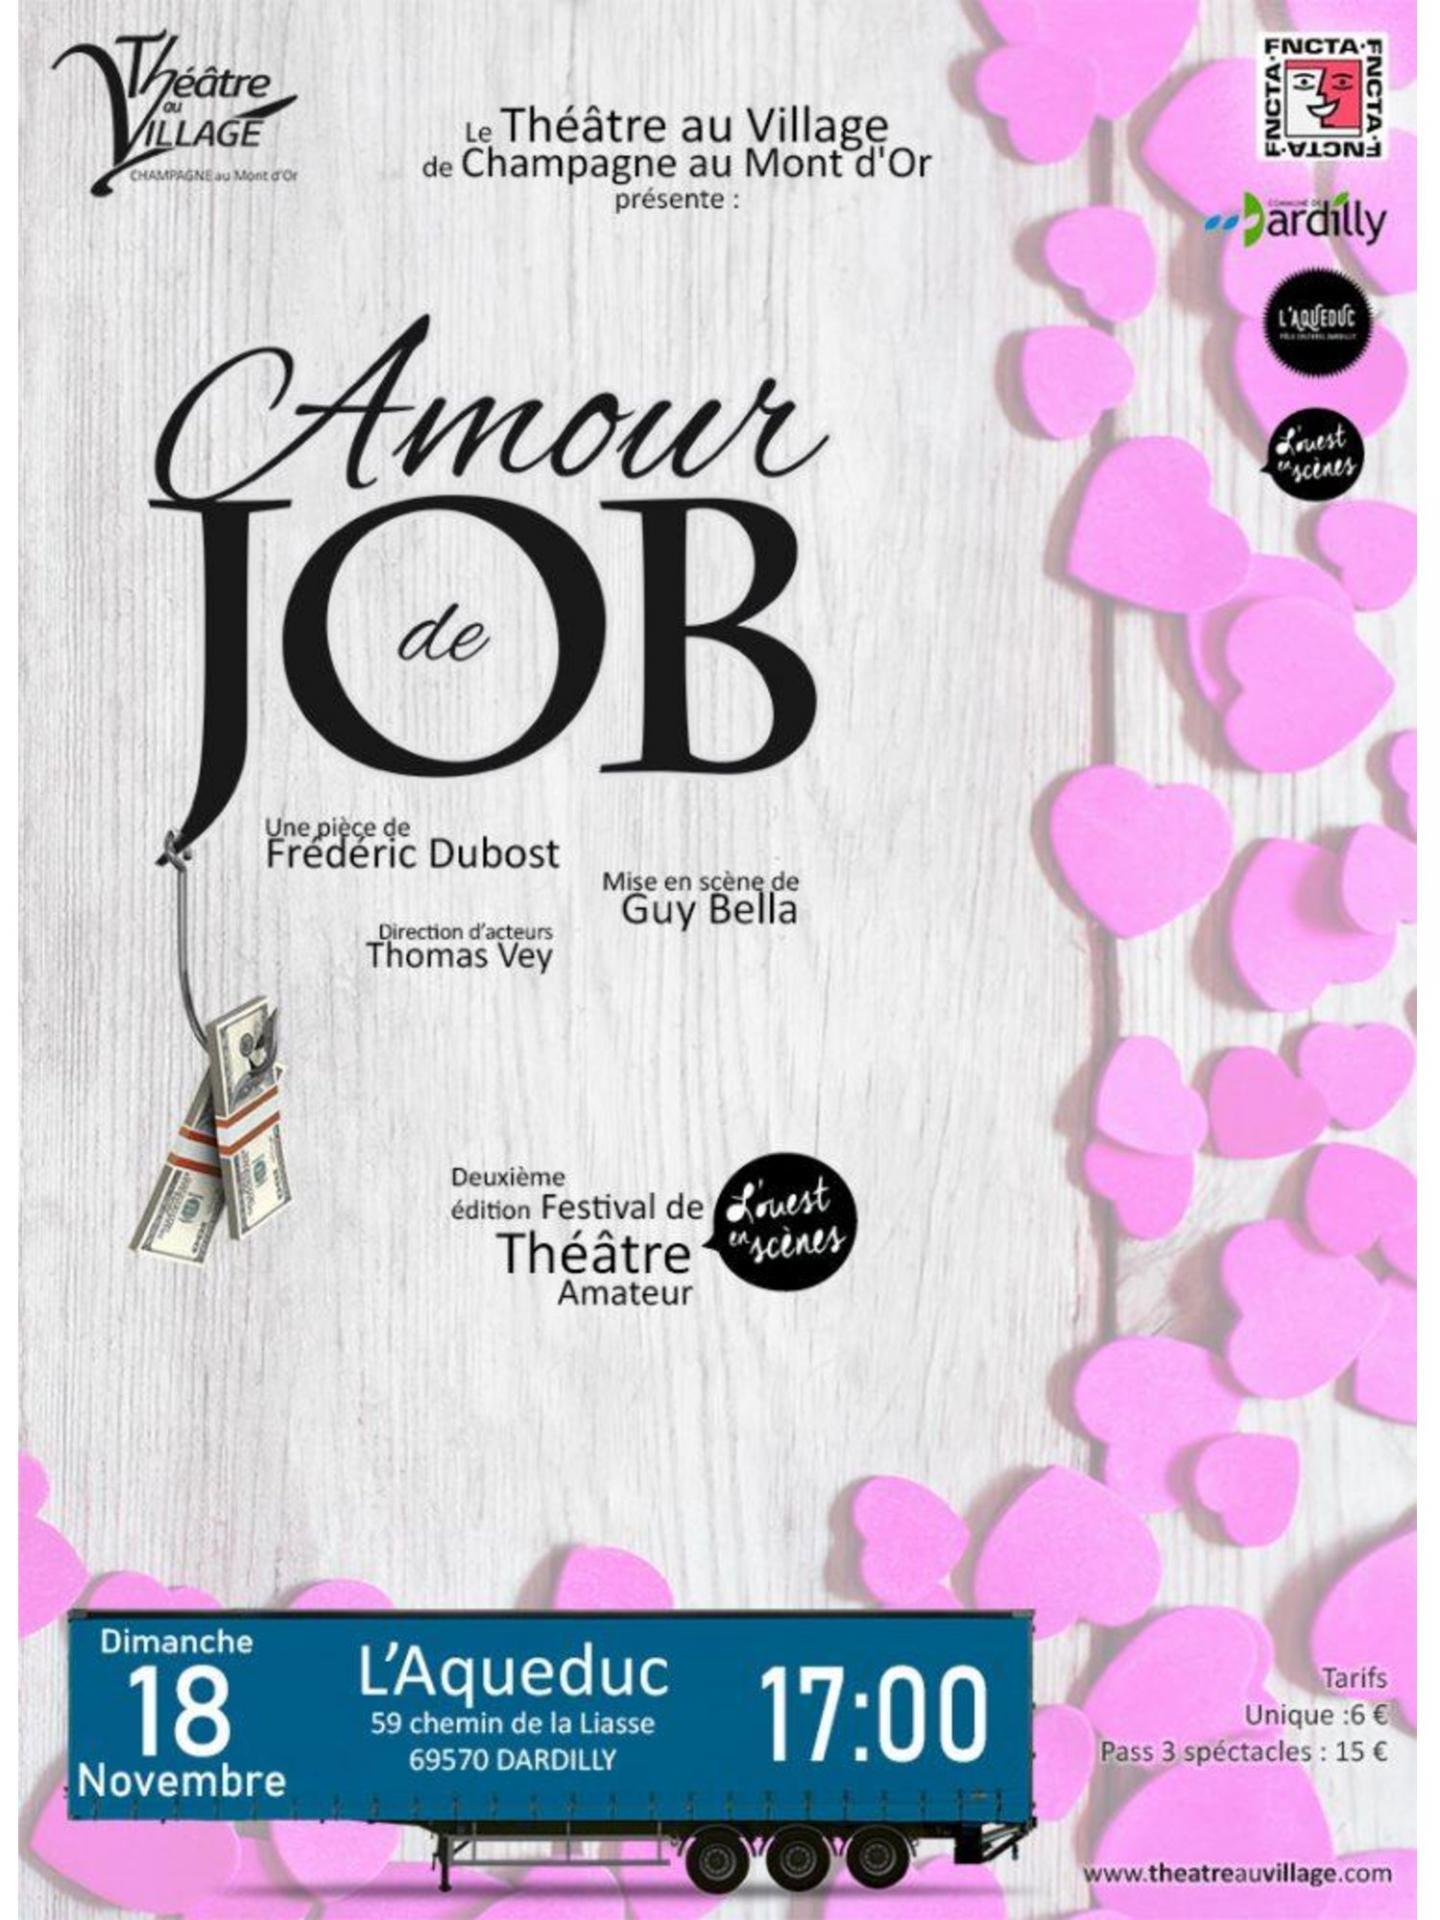 Affiche amour de job pour festival ouset en scenes